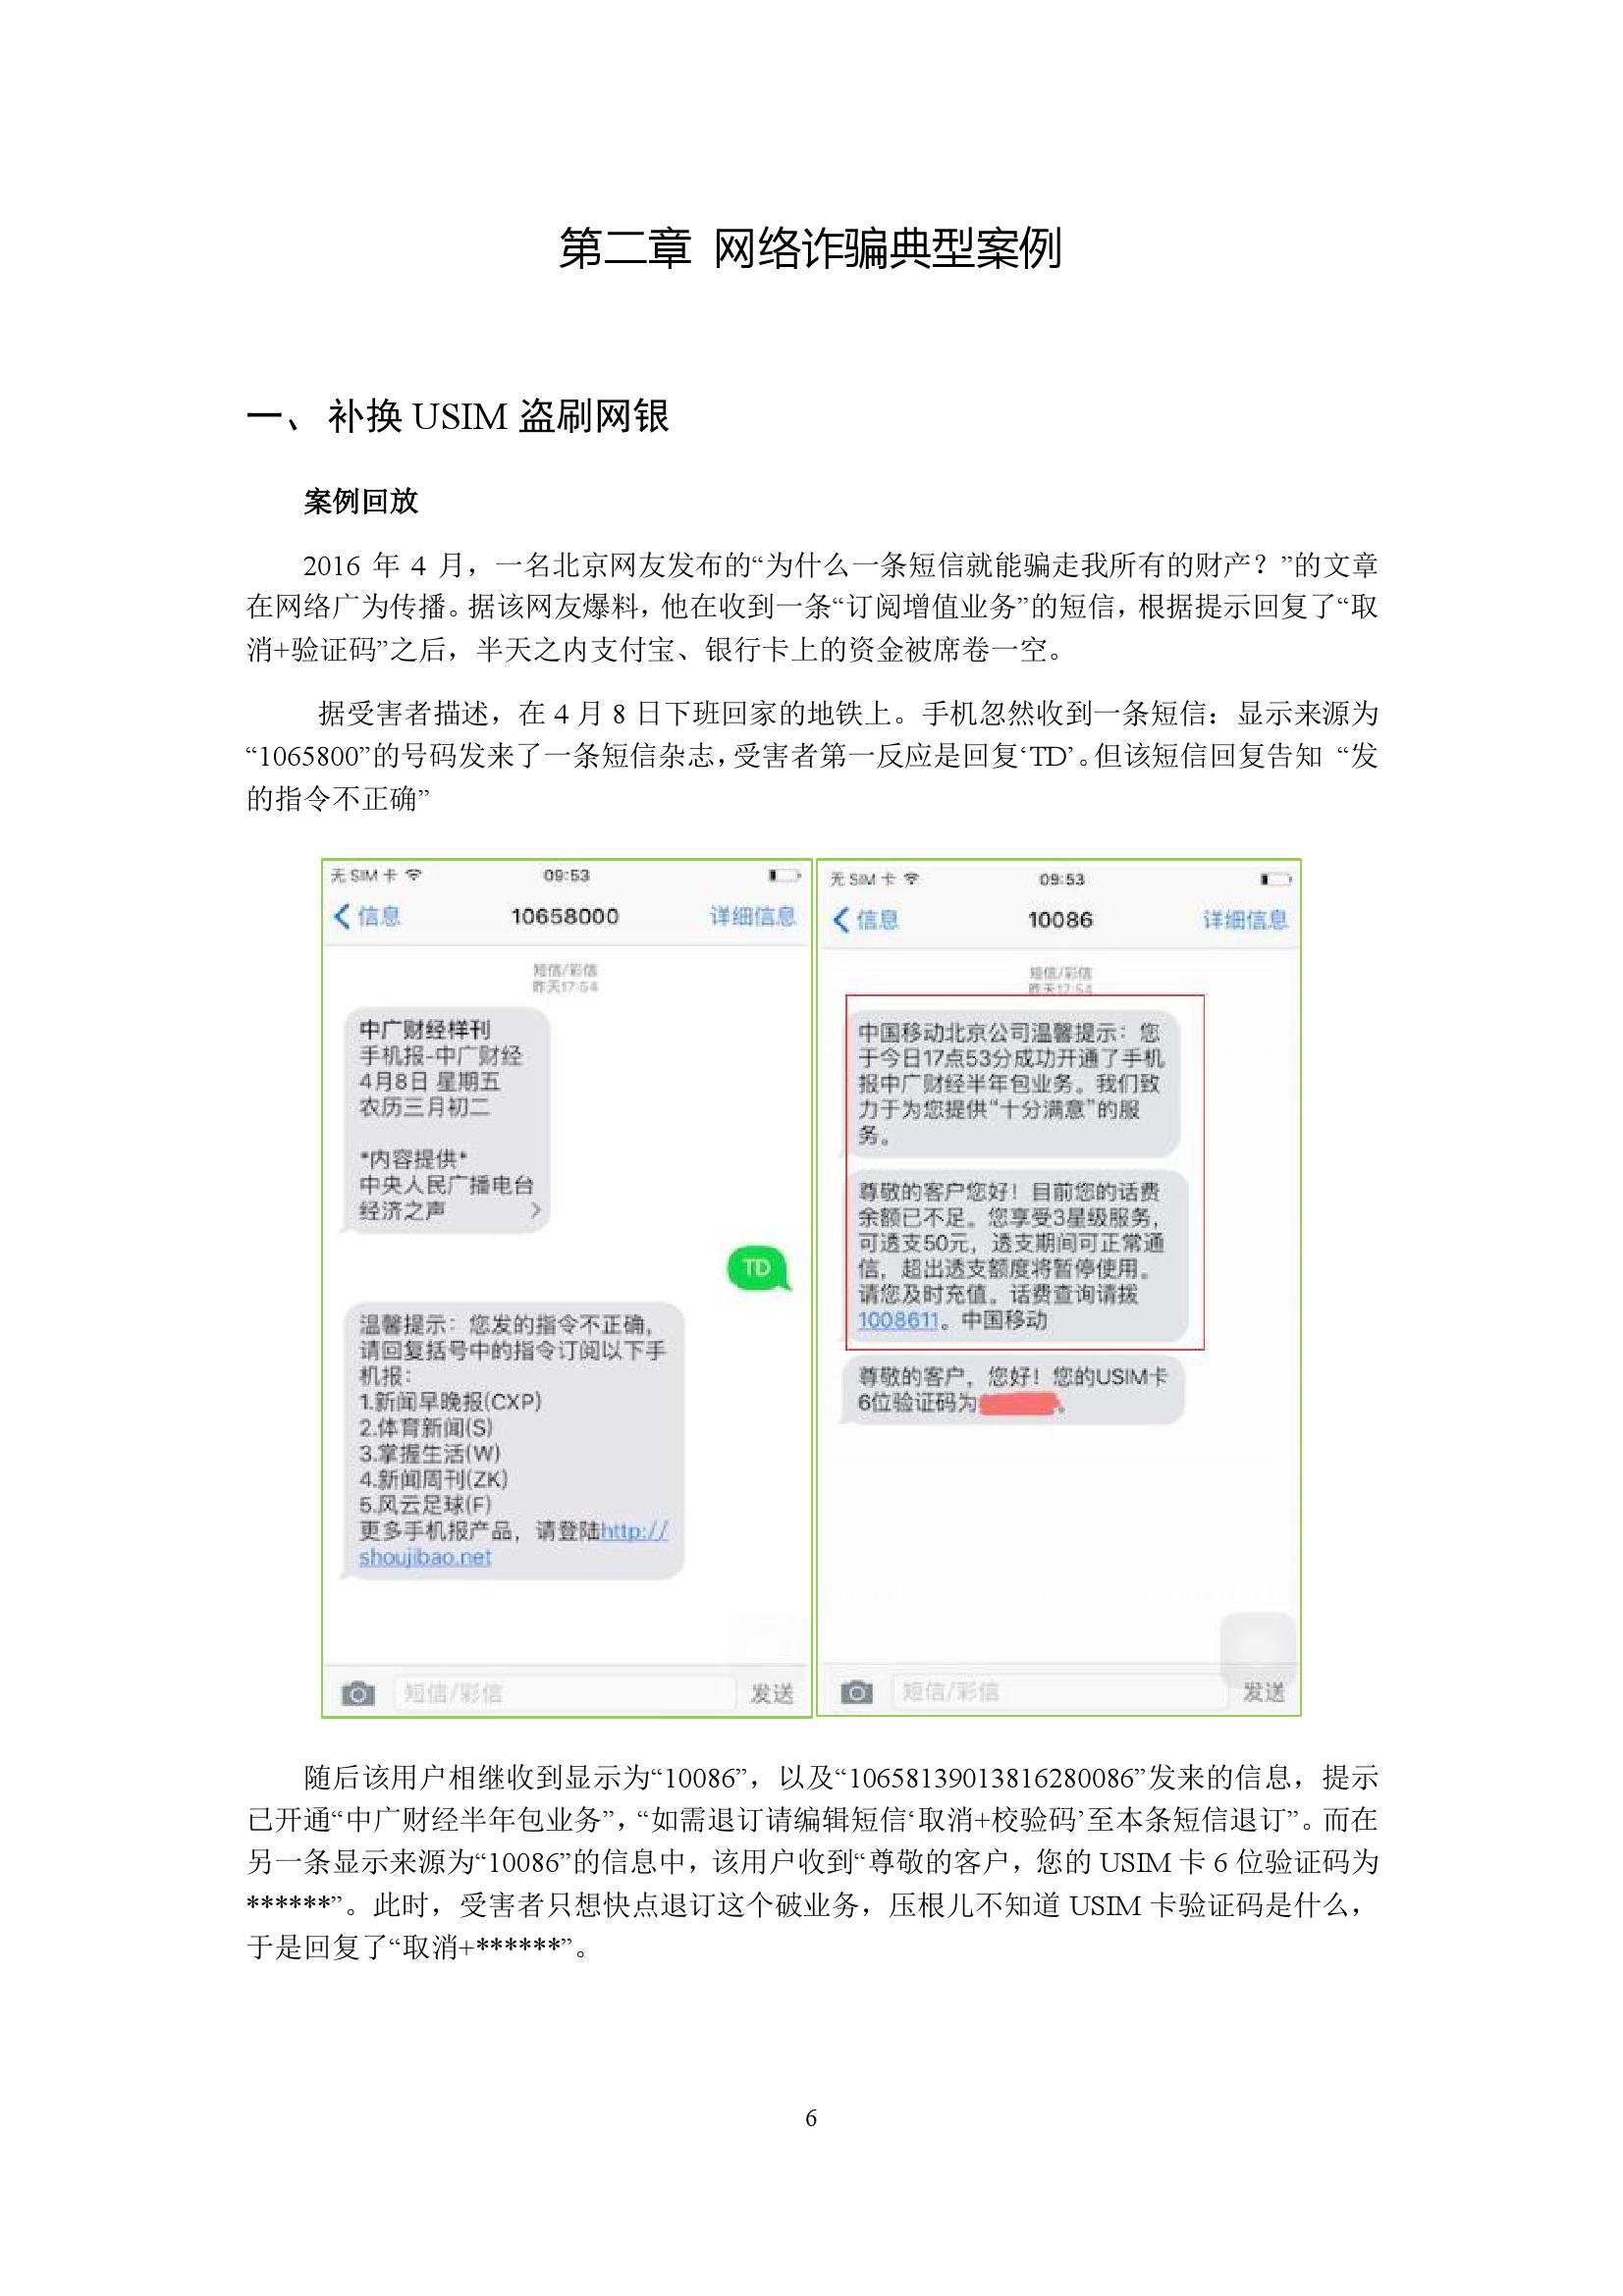 2016年第一季度网络诈骗趋势研究报告_000009